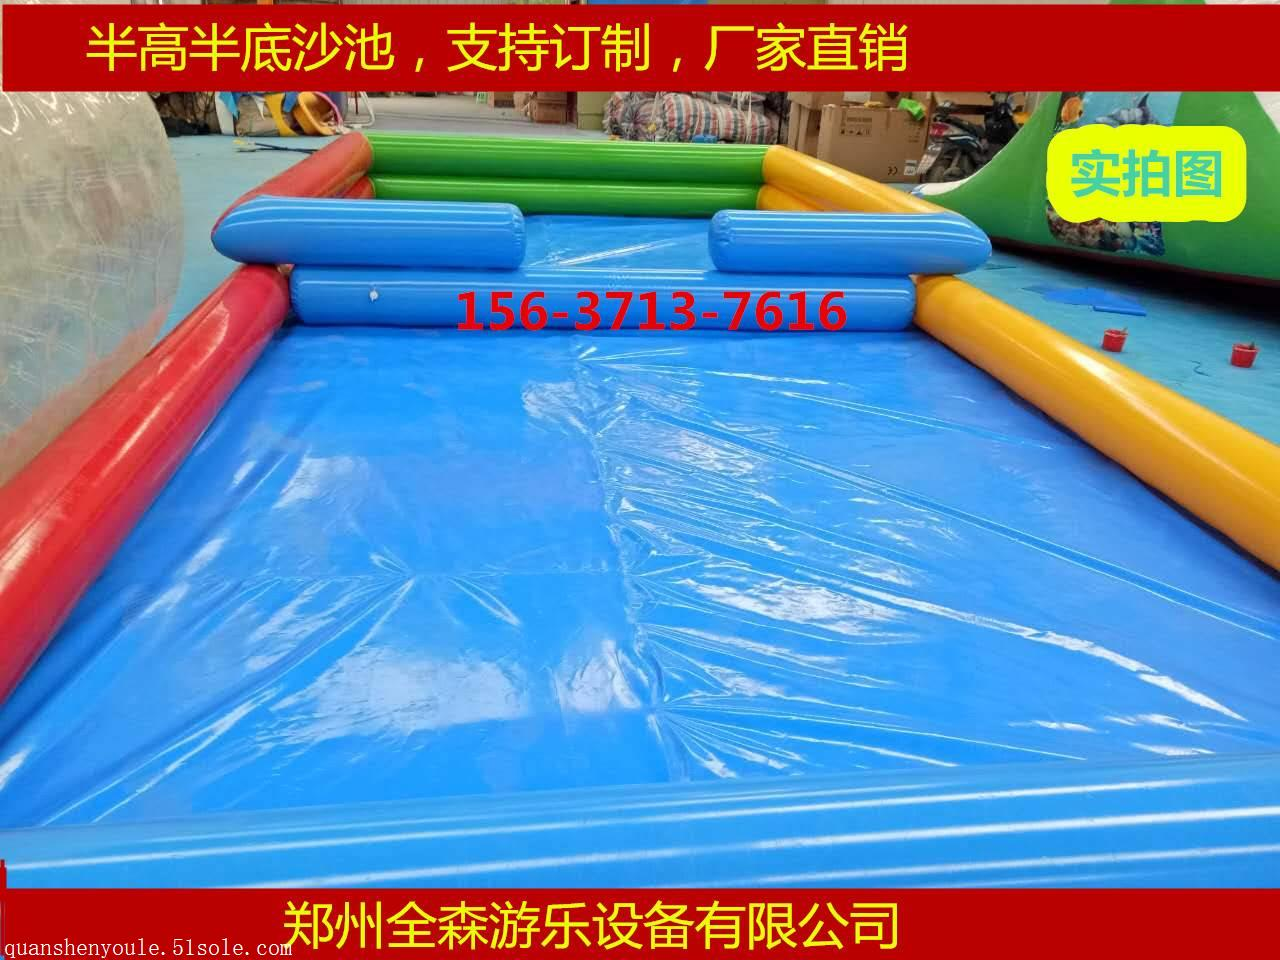 广场摆摊儿童充气沙滩池海洋球池组合/大型充气游泳池价格